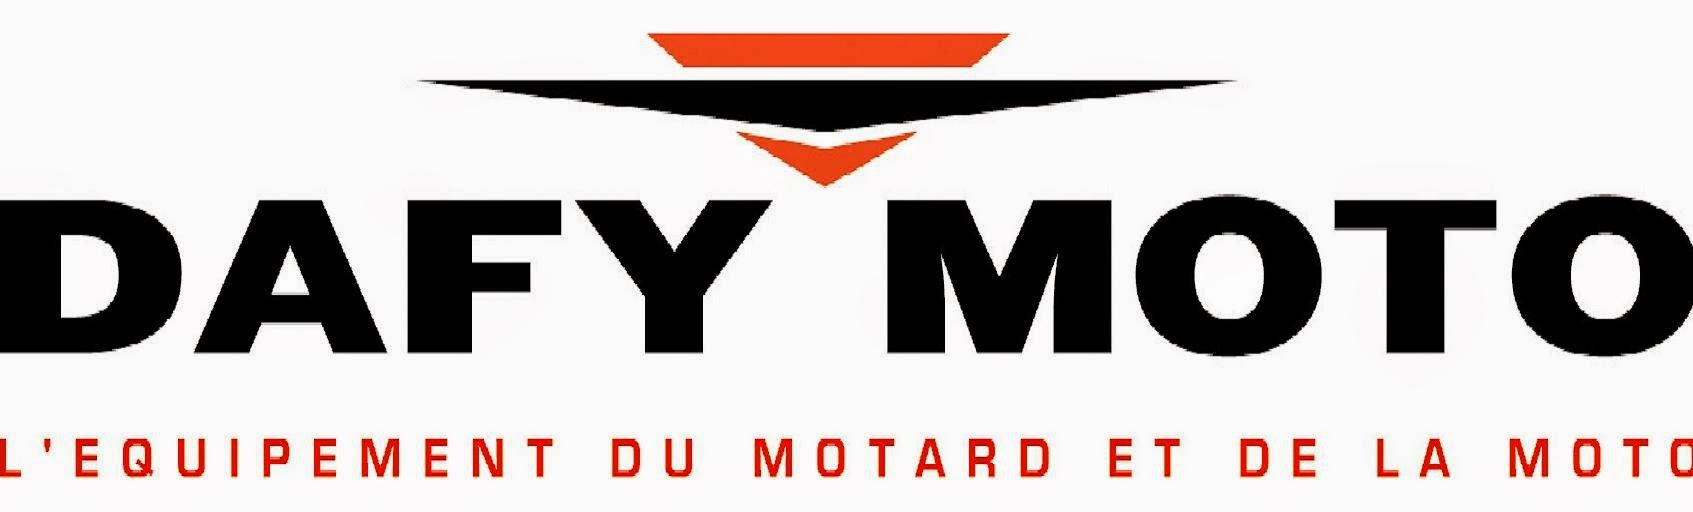 dafy moto joue la carte de l humour pour la protection de ses clients. Black Bedroom Furniture Sets. Home Design Ideas